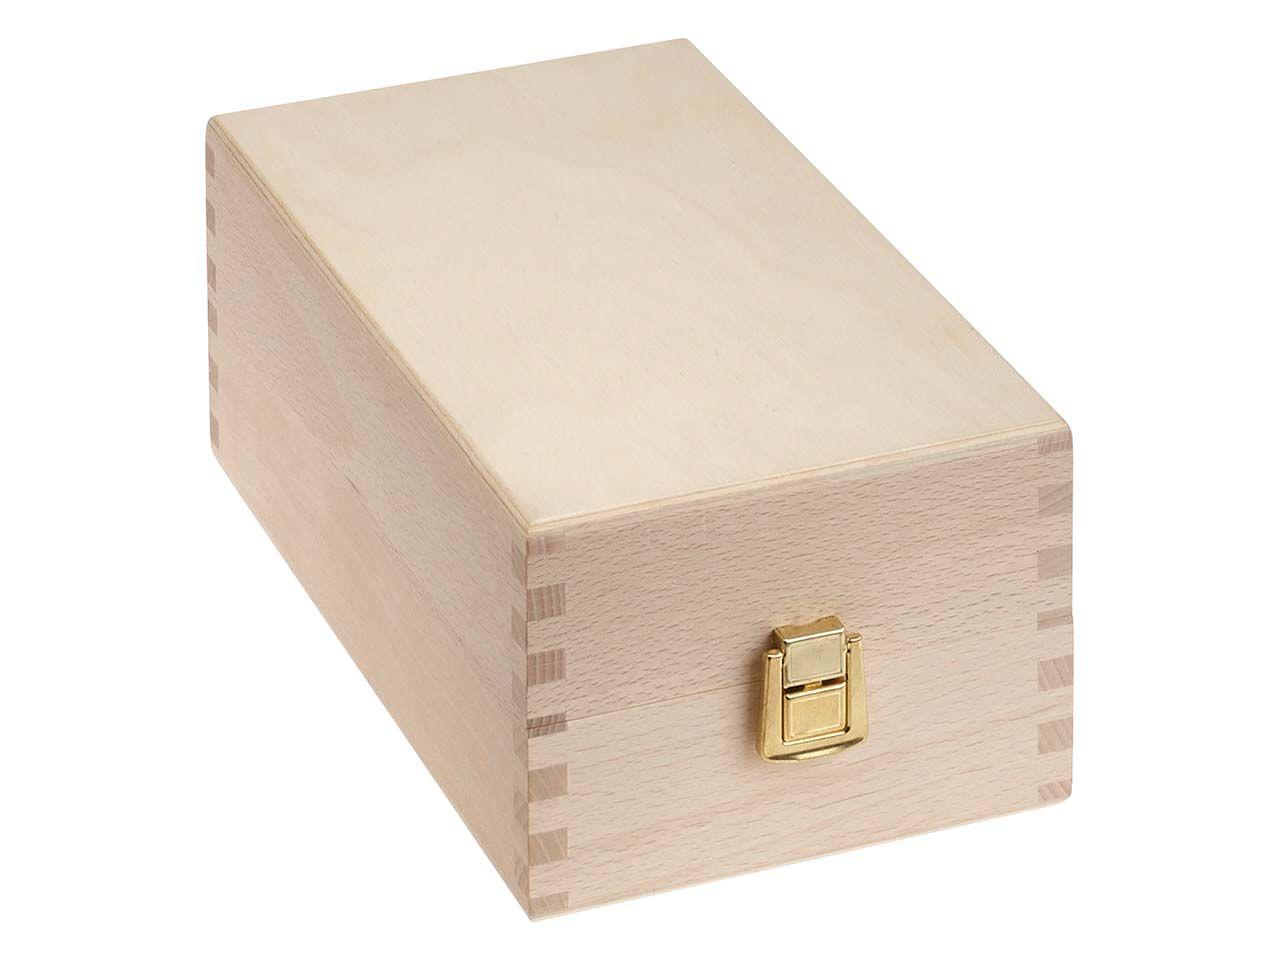 Holz-Karteikasten für DIN A7 mit Deckel, Buche Karteikasten + Deckel 14x10x25